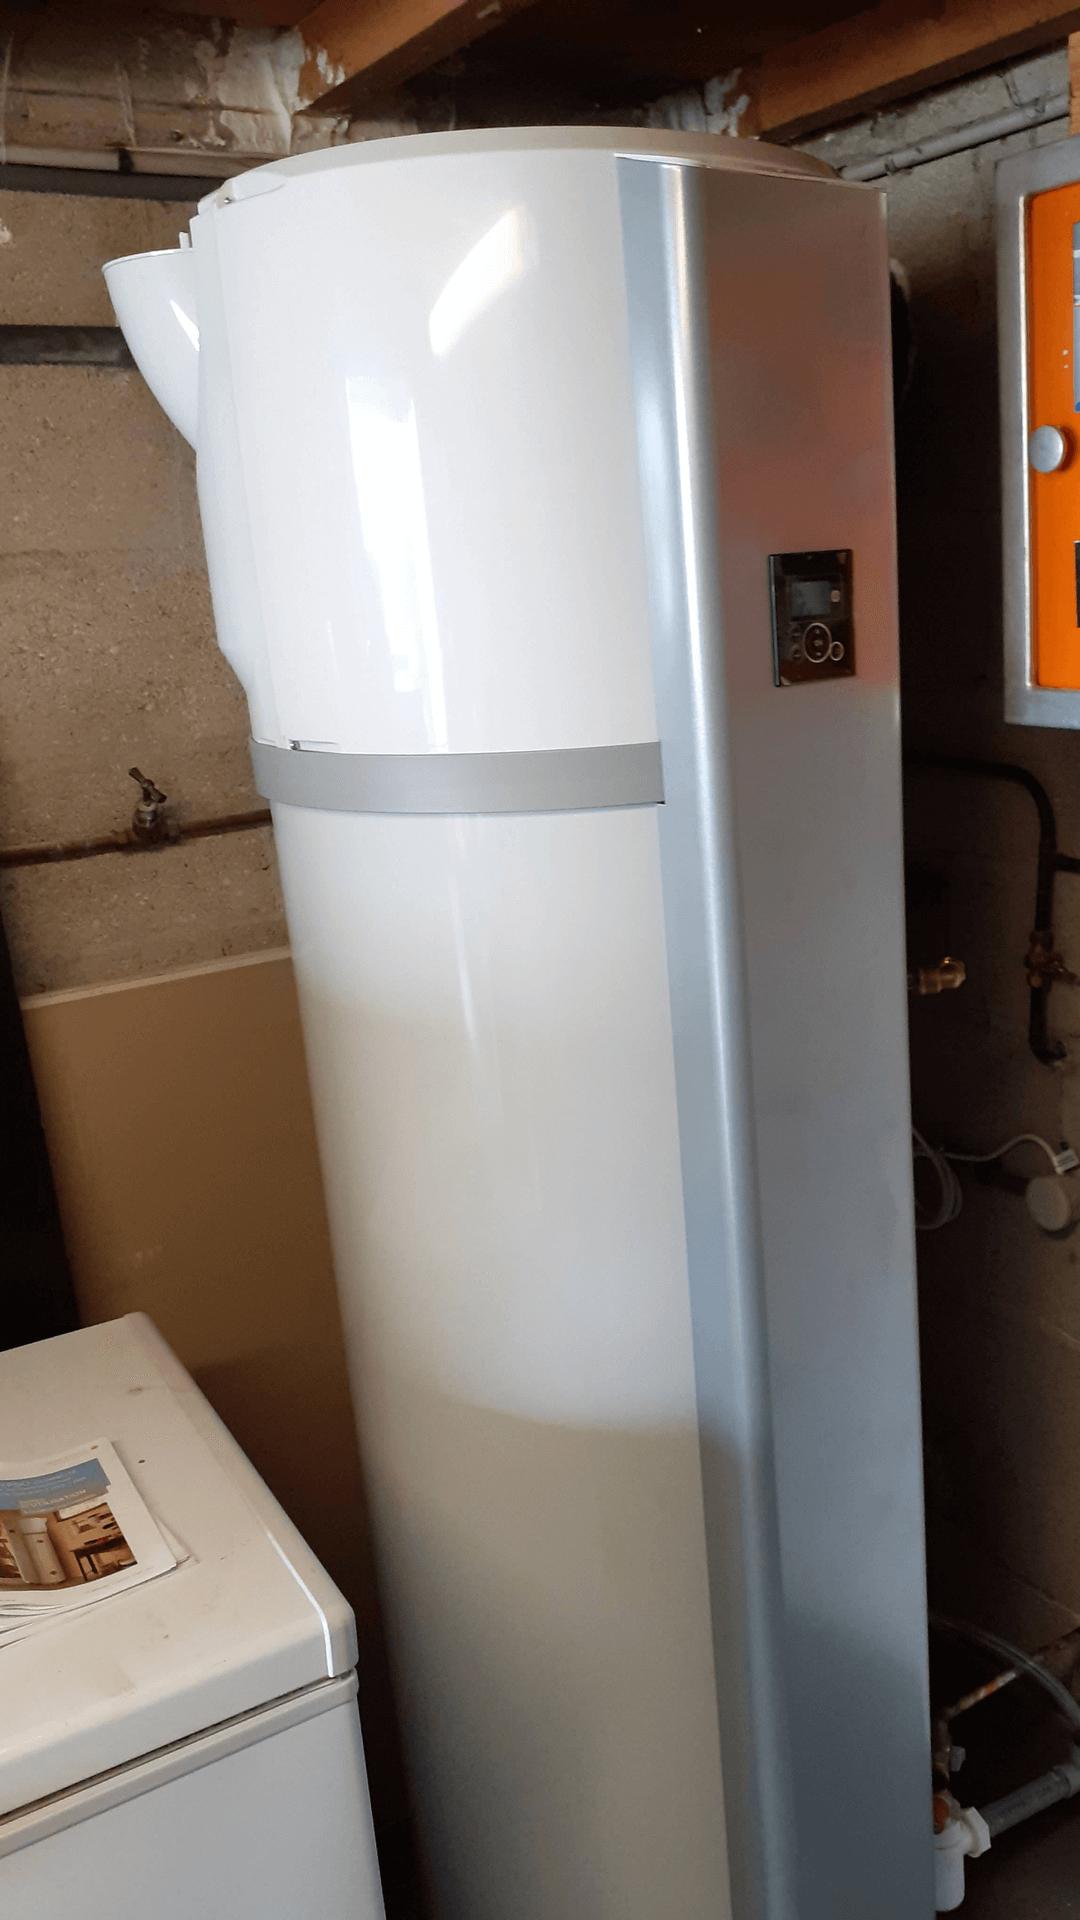 Chauffe-eau thermodynamique sur air extérieur gainé Atlantic (250L).